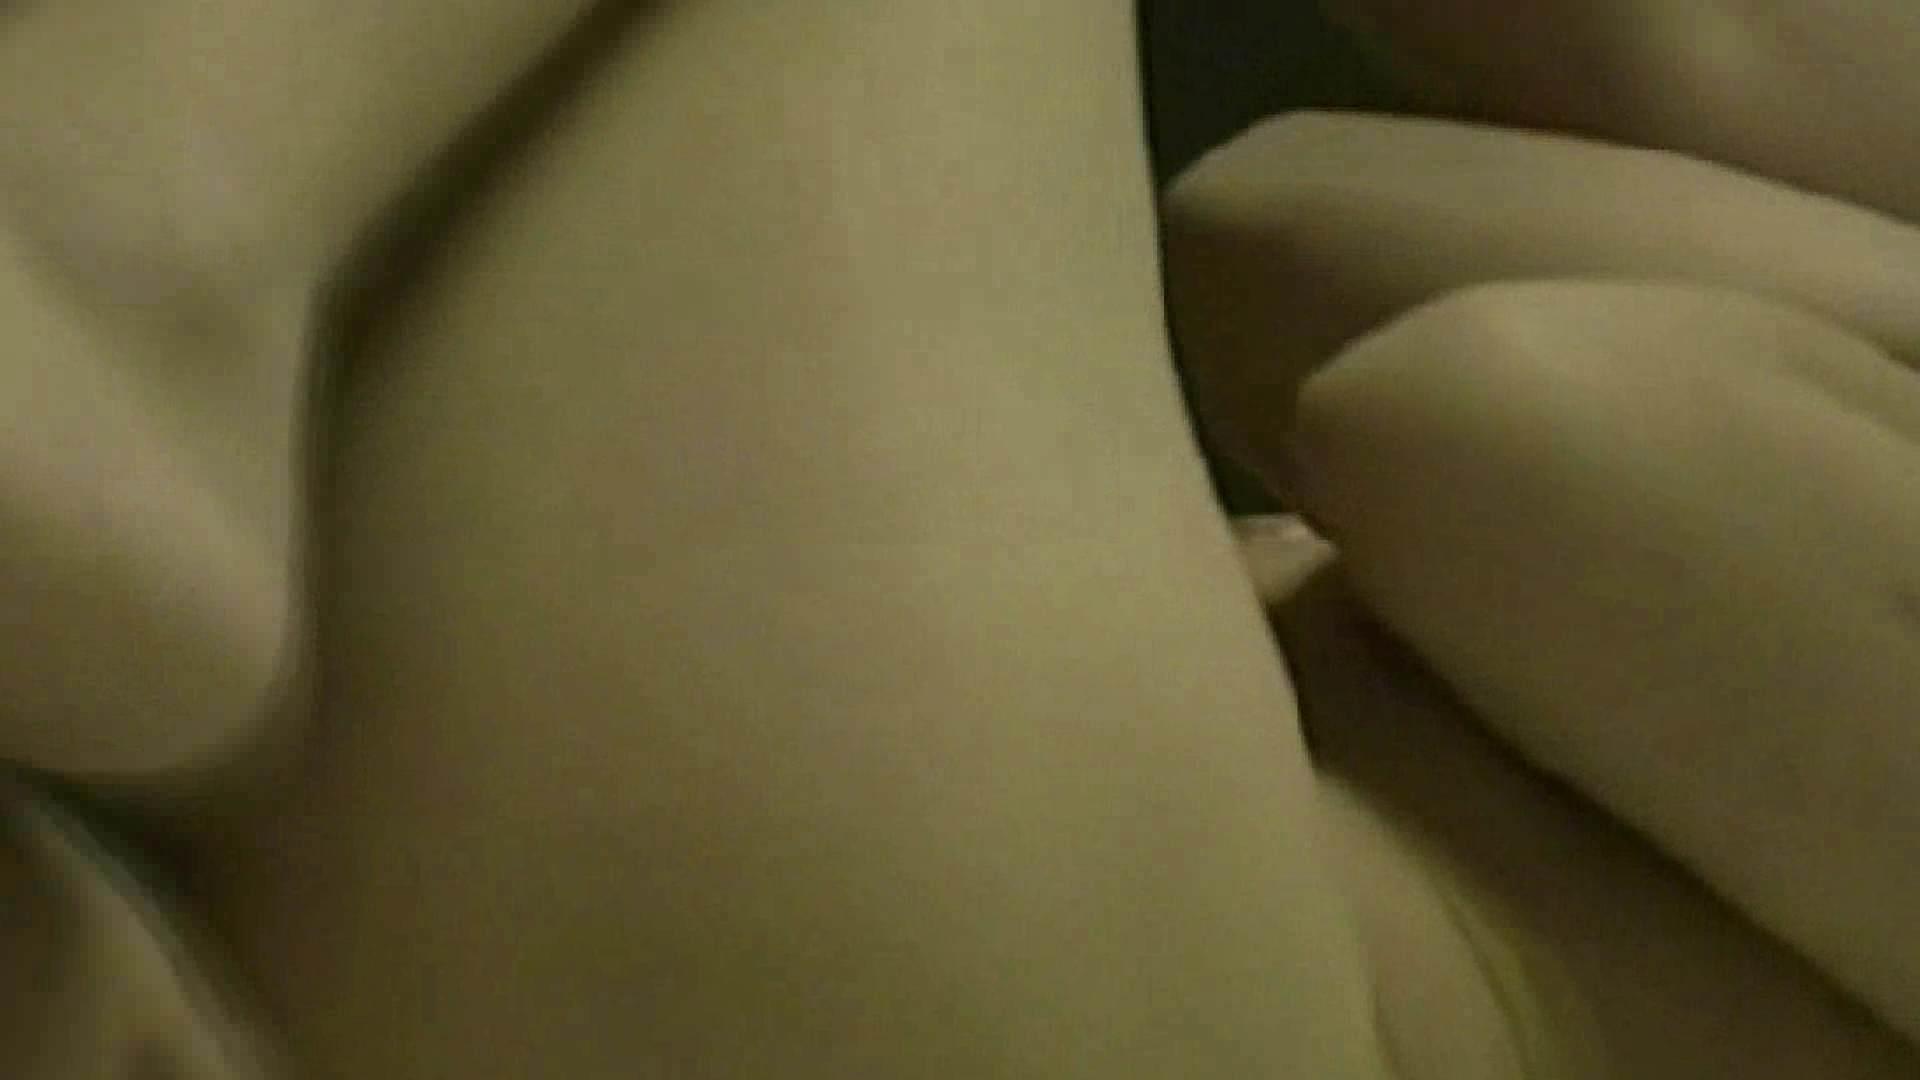 最愛の妻 TAKAKO 愛のSEX Vol.01 SEX映像  106pic 52